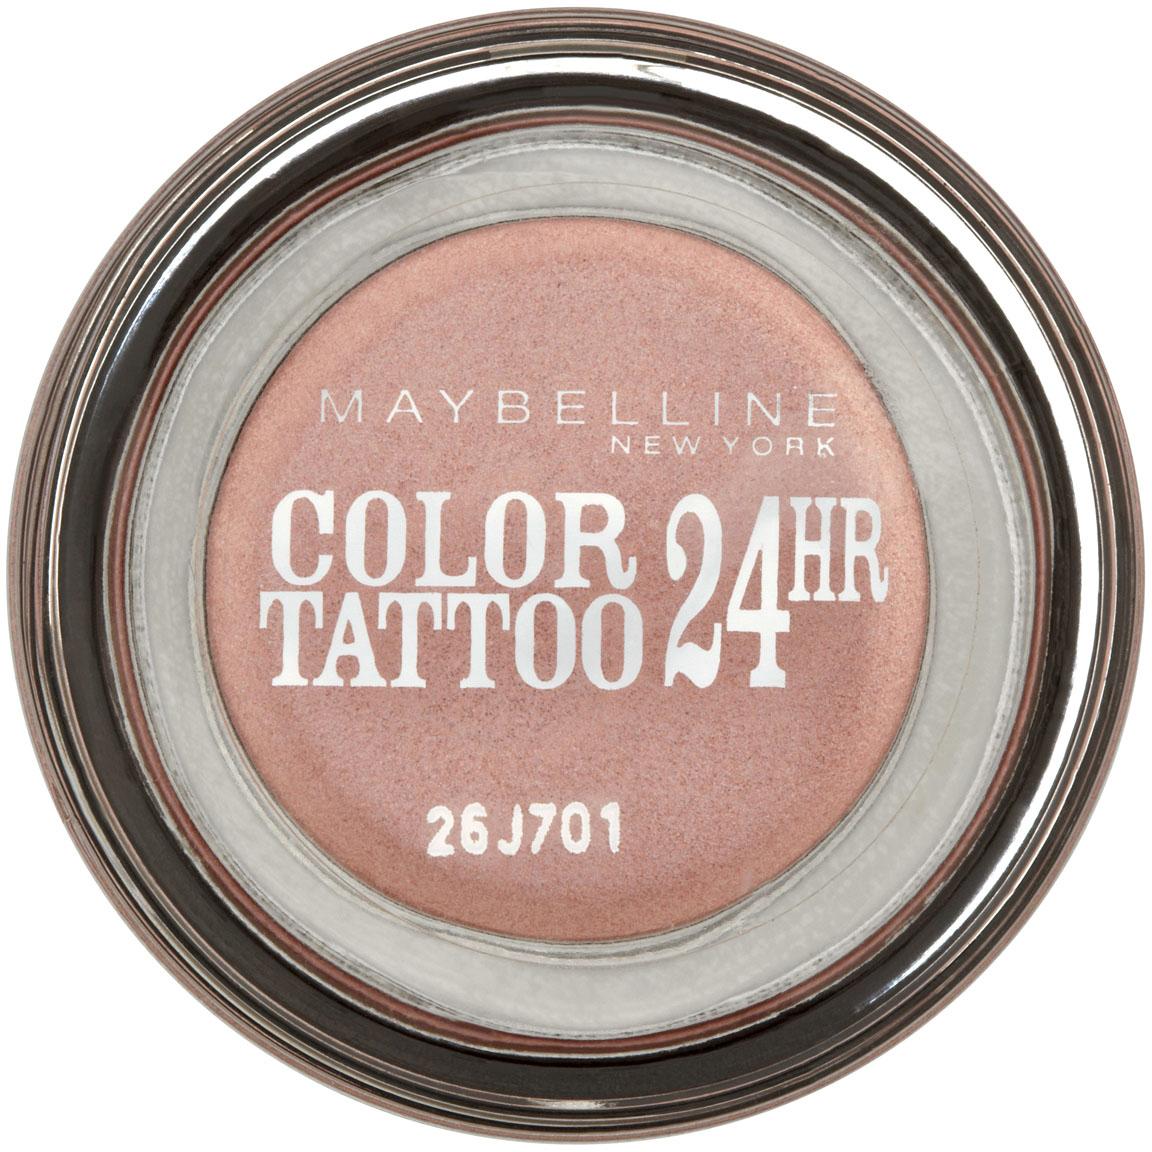 Maybelline New York Тени для век Color Tattoo 24 часа, оттенок 65, Розовое золото, 3,5 млB2074300Технология тату-пигментов создает яркий, супернасыщенный цвет. Крем-гелевая текстура обеспечивает ультралегкое нанесение и стойкость на 24 часа. 12 оттенков